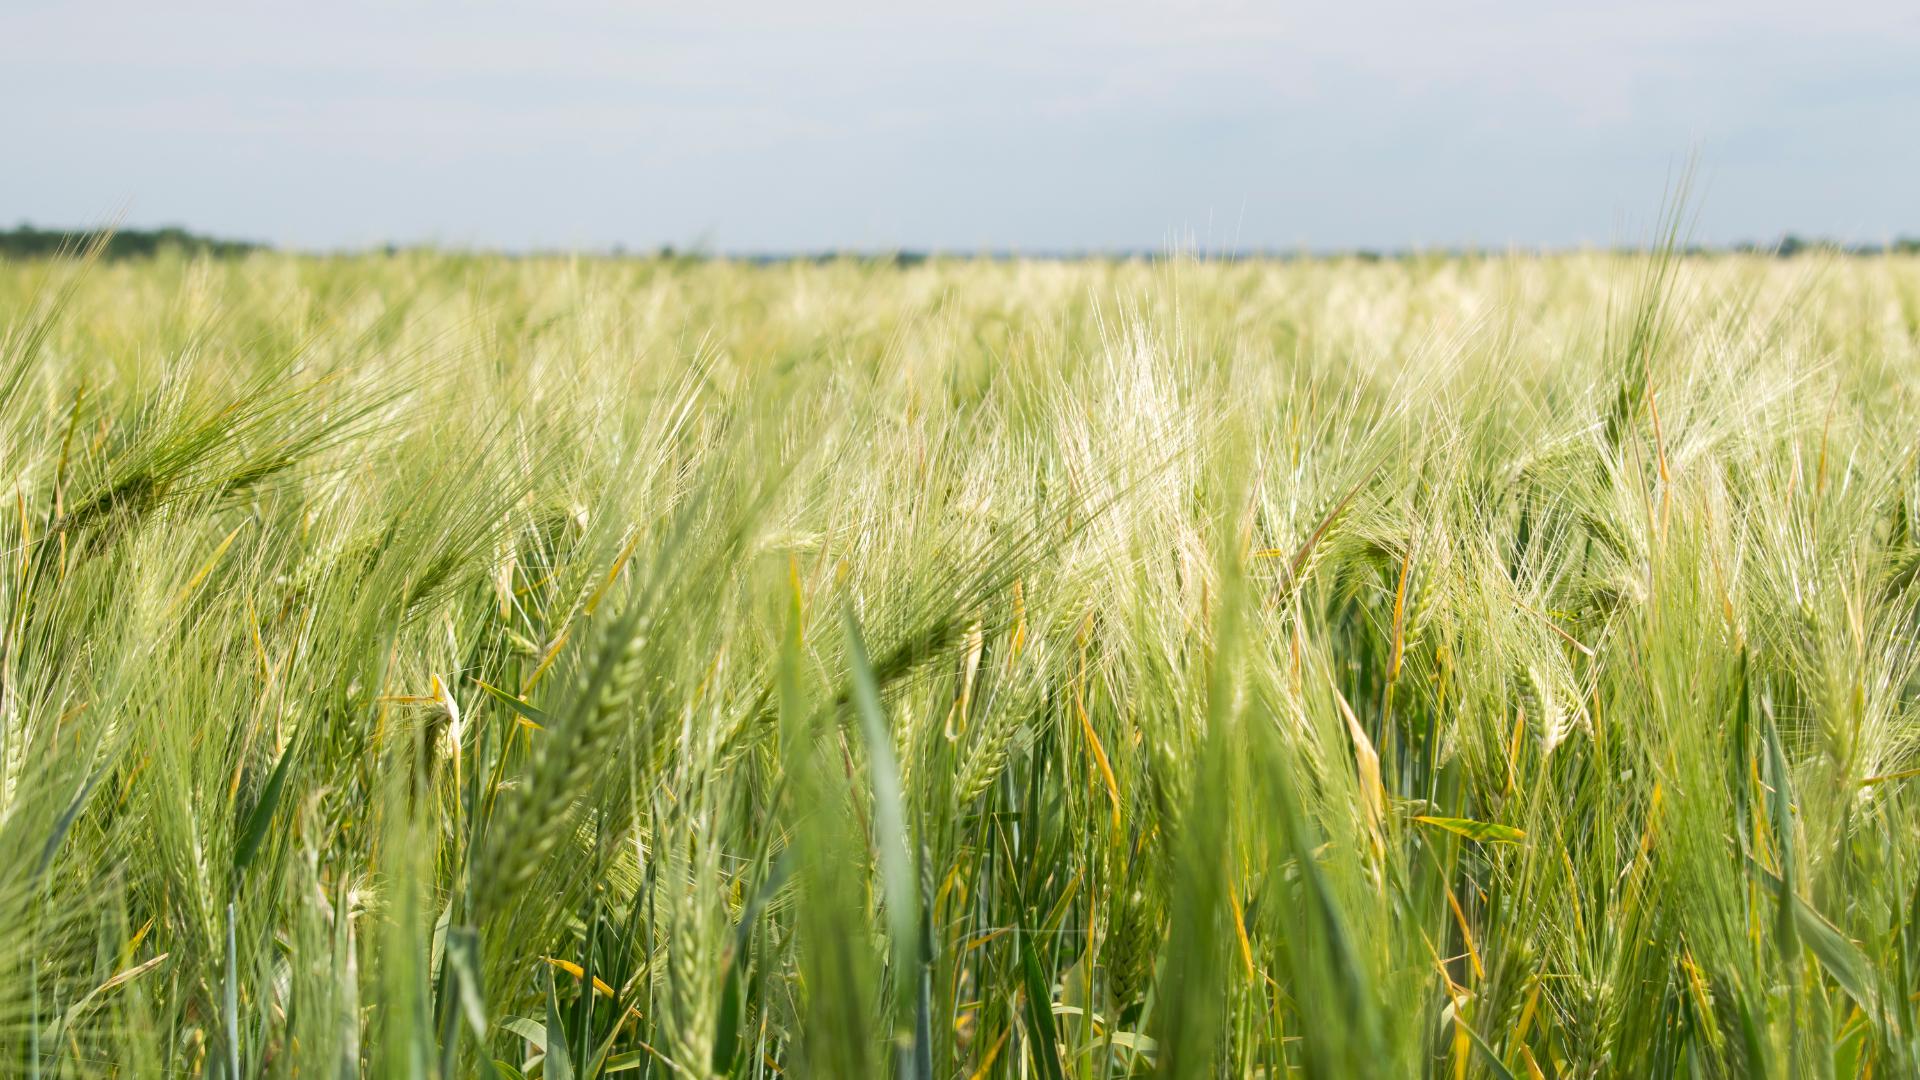 Agroalimentare e sostenibilità alimentare